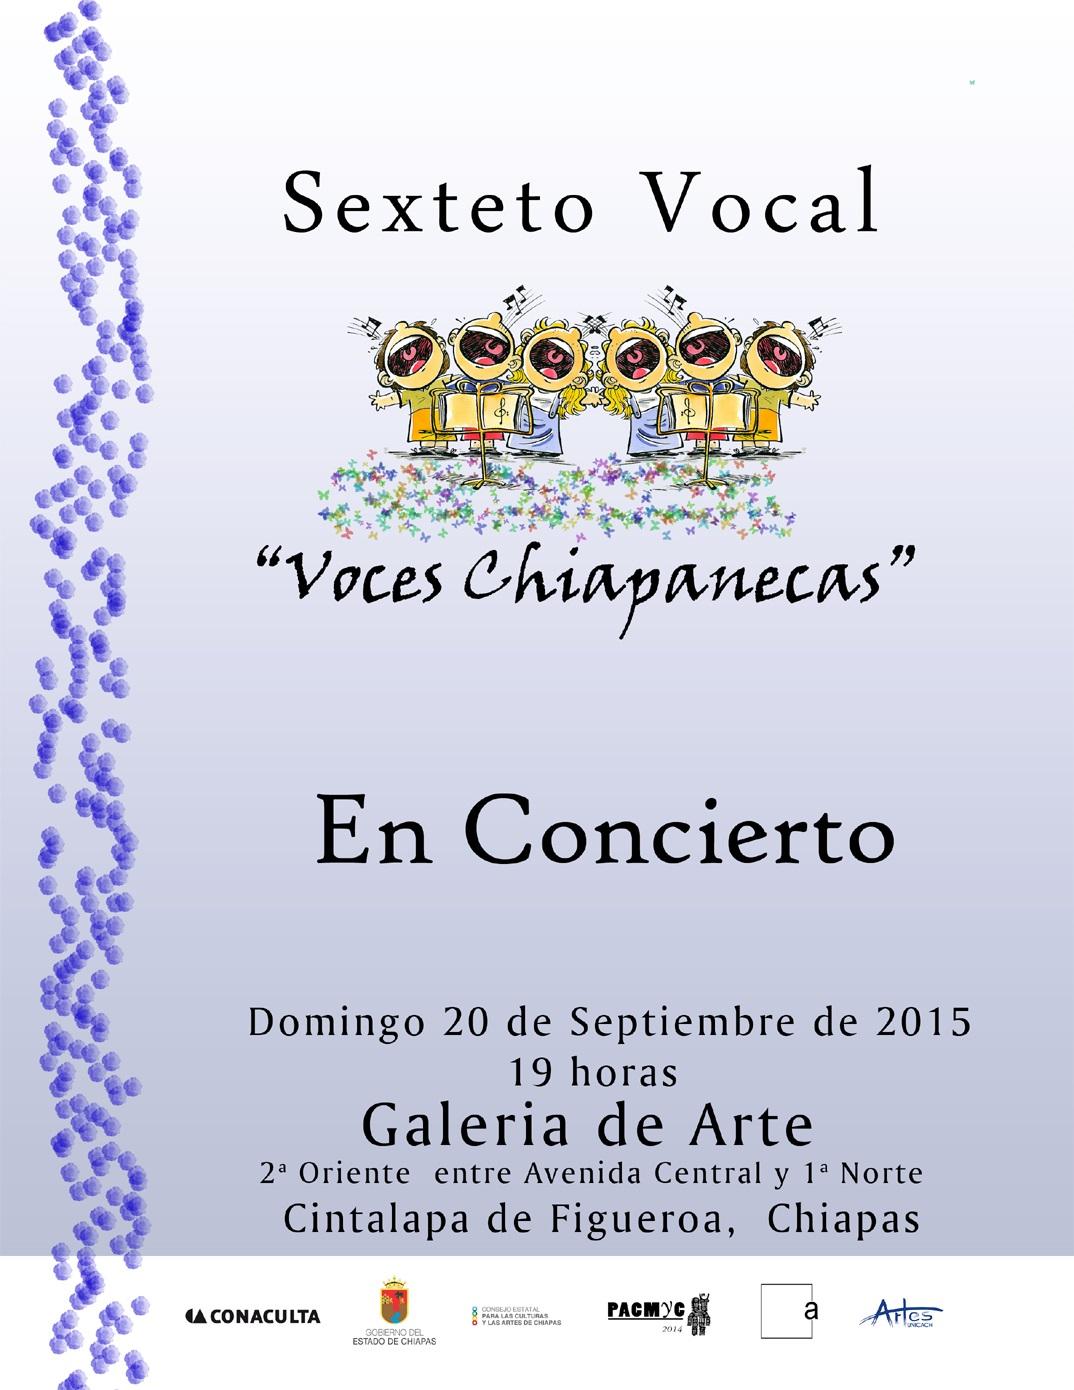 musica vocal mexicana: